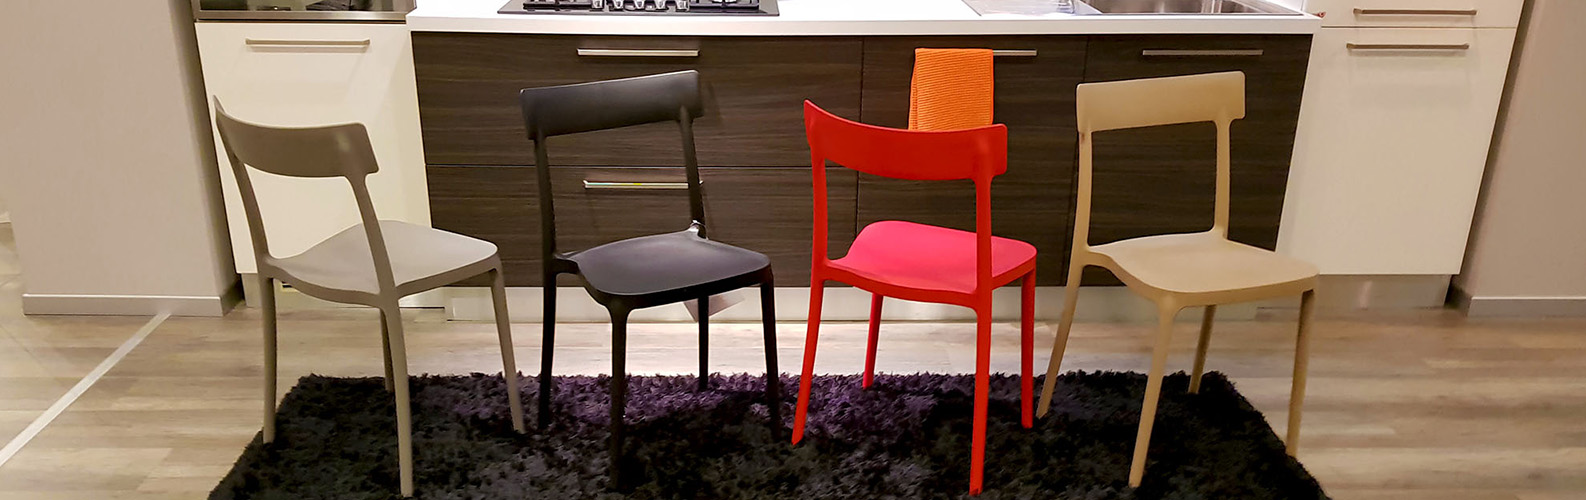 Sedie Di Design Outlet.Outlet Sedie Di Design A Padova Sedie Calligaris Sedie Cucina Outlet